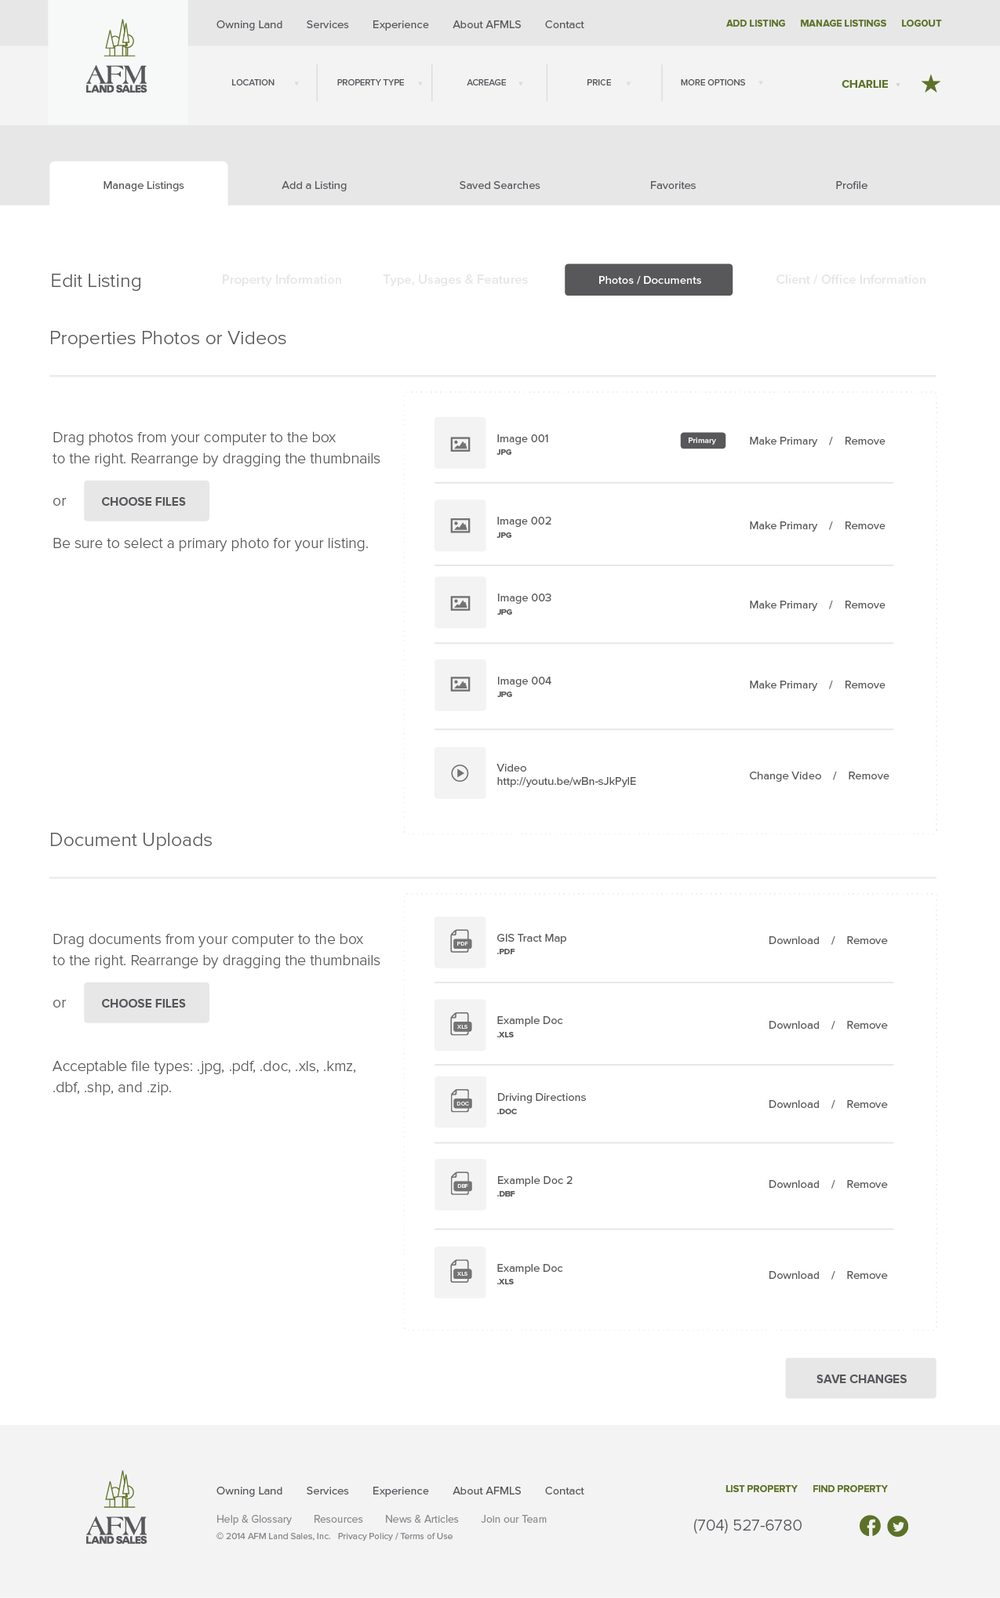 AFMLandSales-Wireframes_Signed In - Edit Listing - Step 3.png